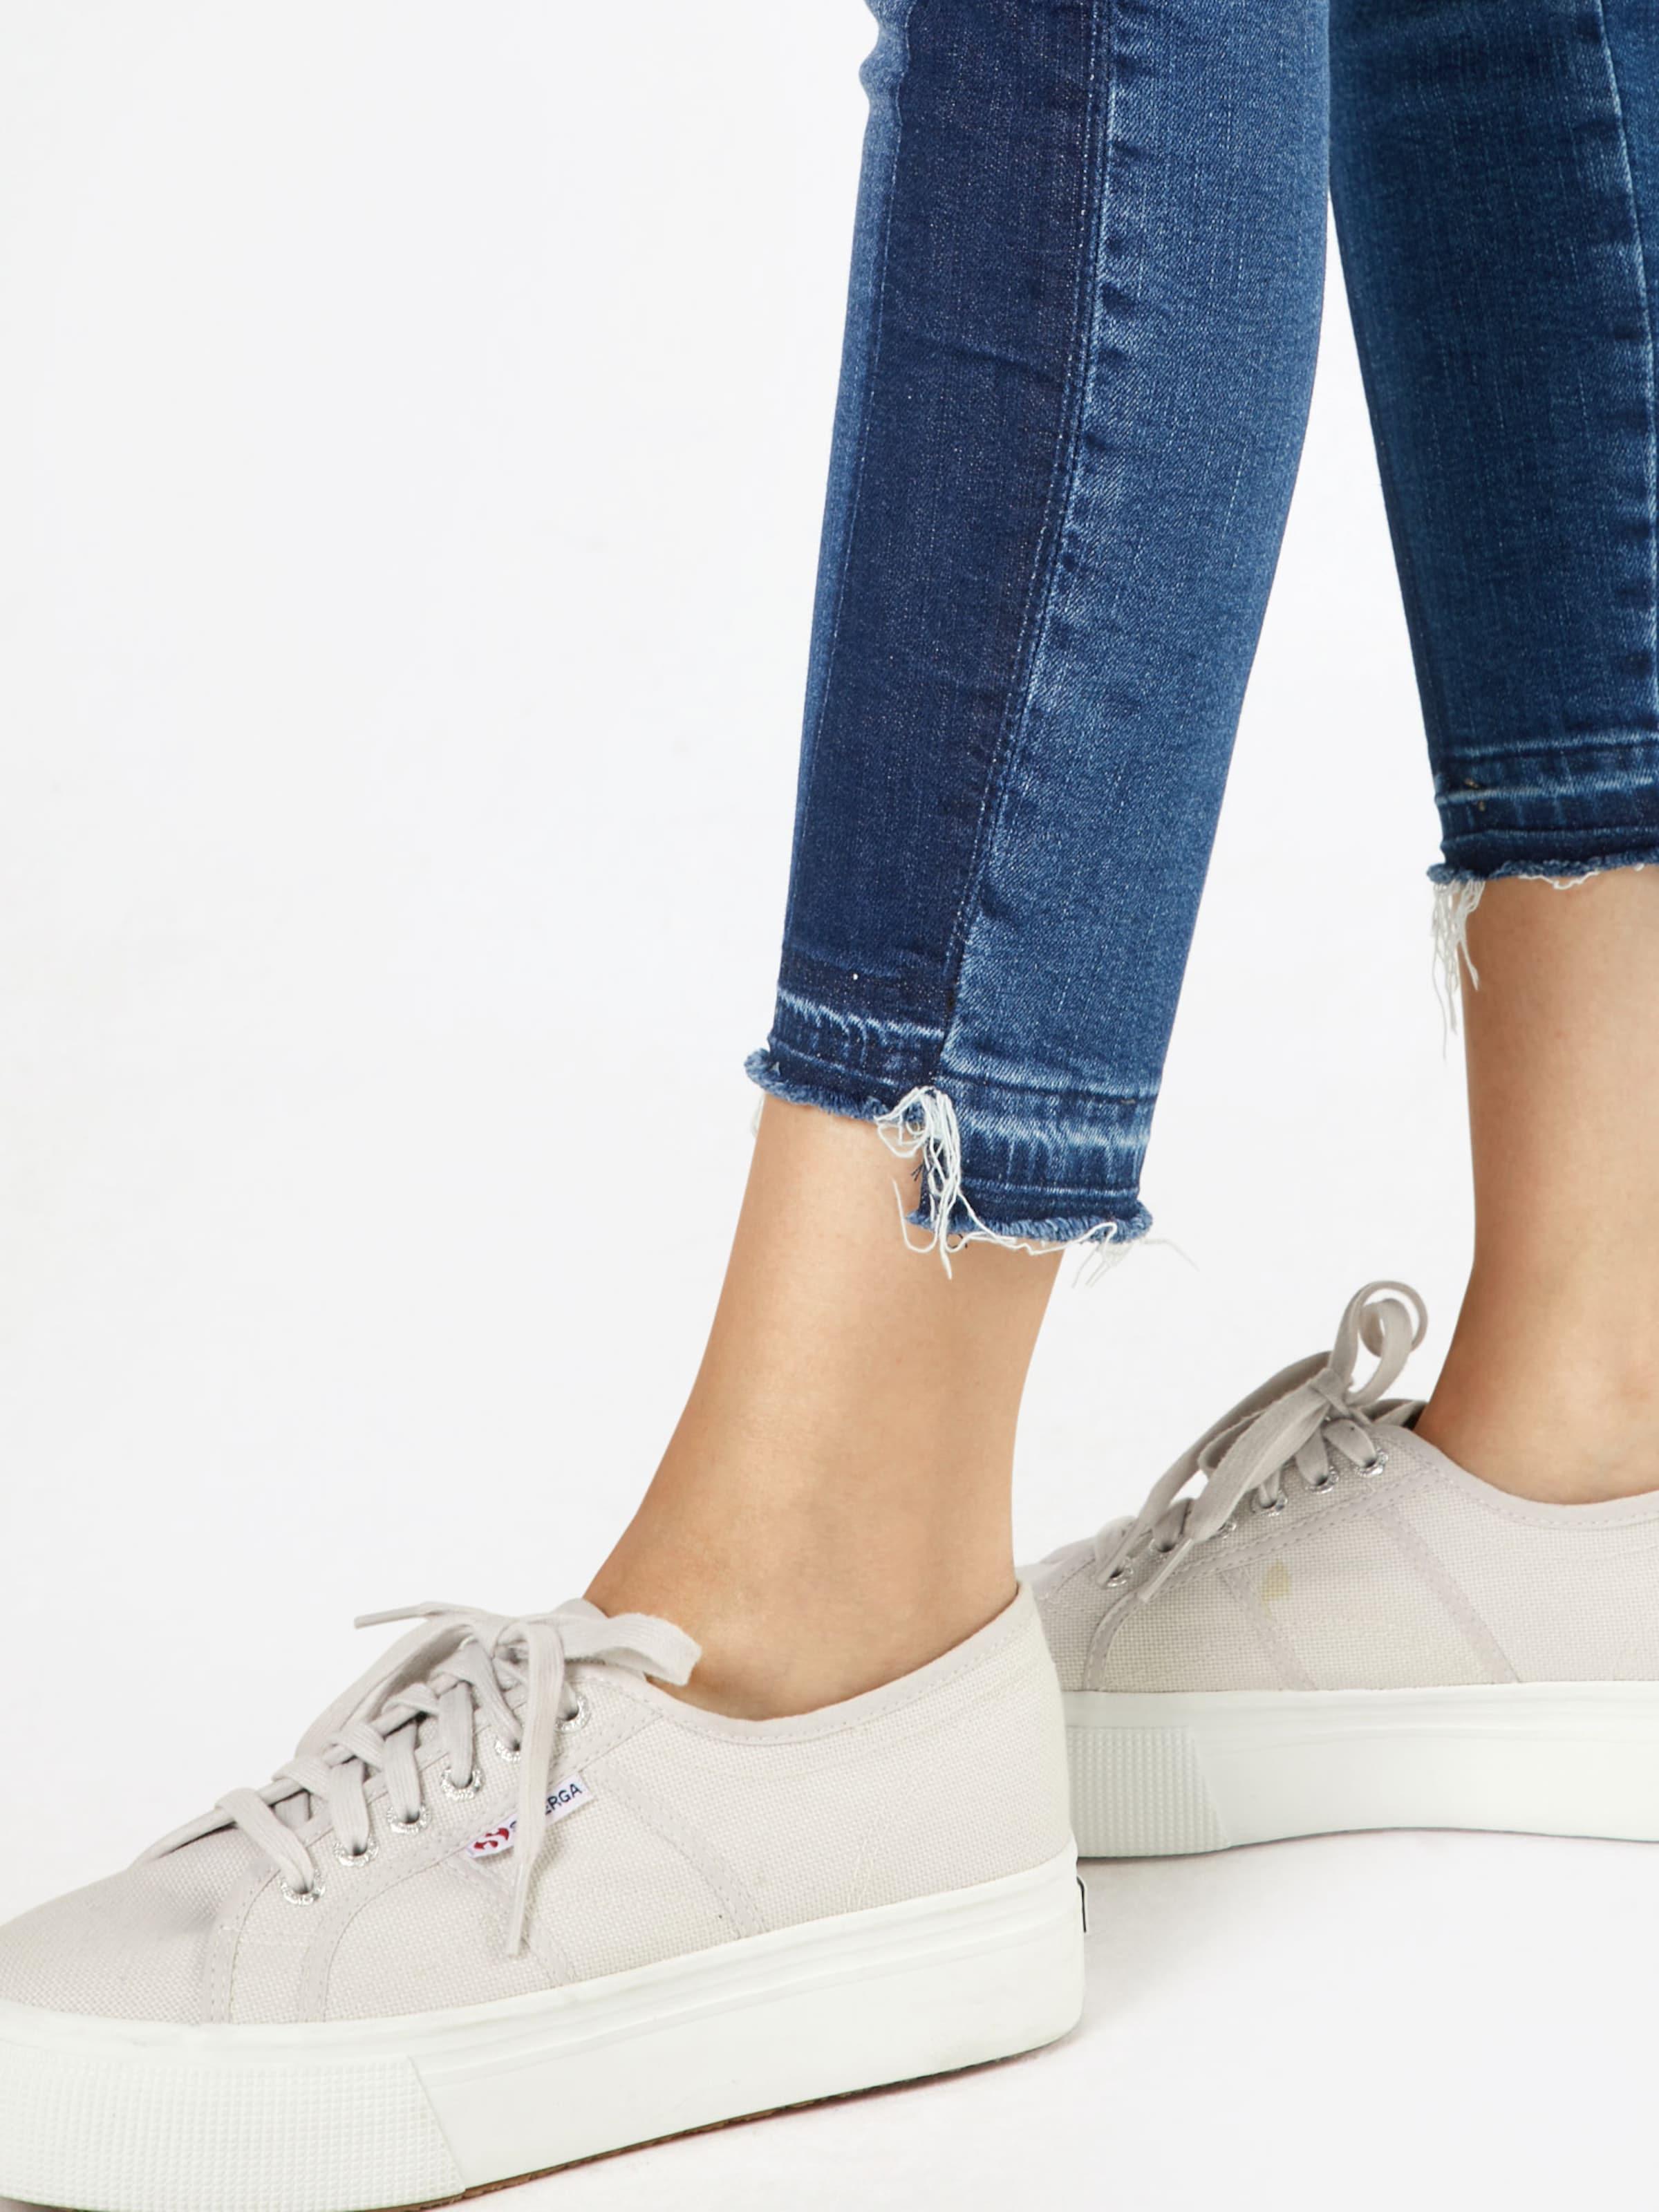 Freies Verschiffen Gutes Verkauf Mavi Ankle-Jeans 'Adriana' Limit Rabatt Verkauf Neueste Kaufen WoyPnYe